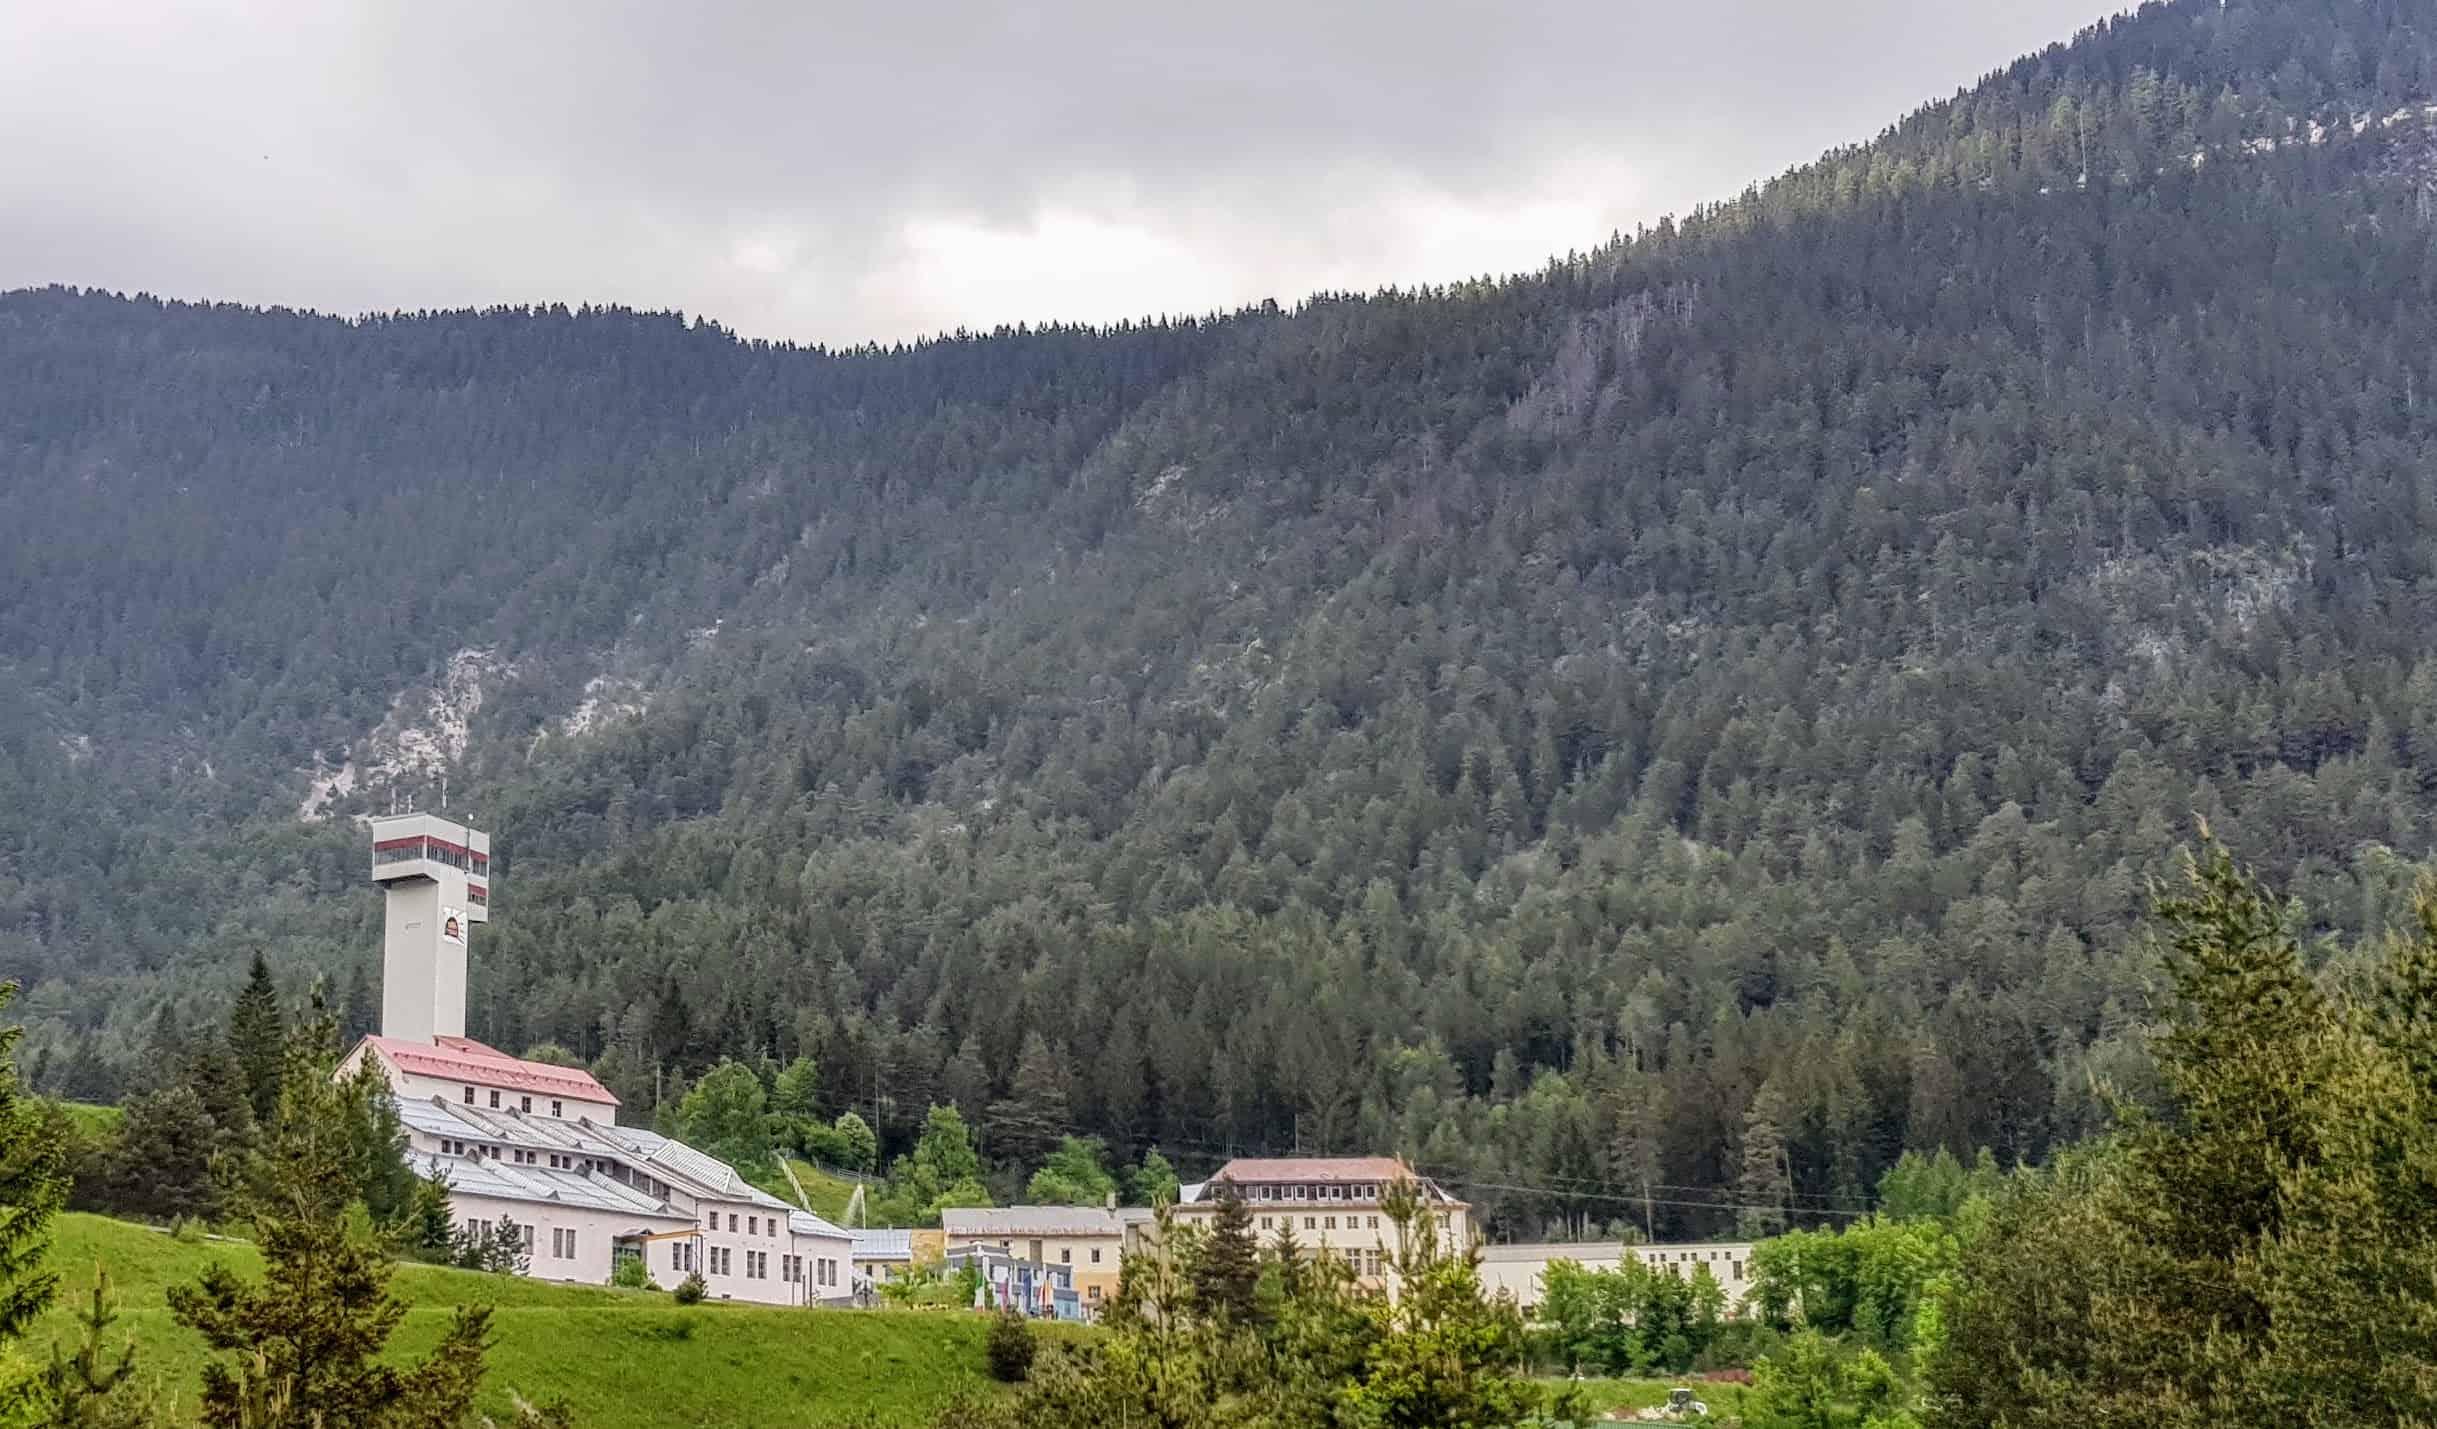 Die imposante Anlage der Schaubergwerke Terra Mystica & Montana im Naturpark Dobratsch